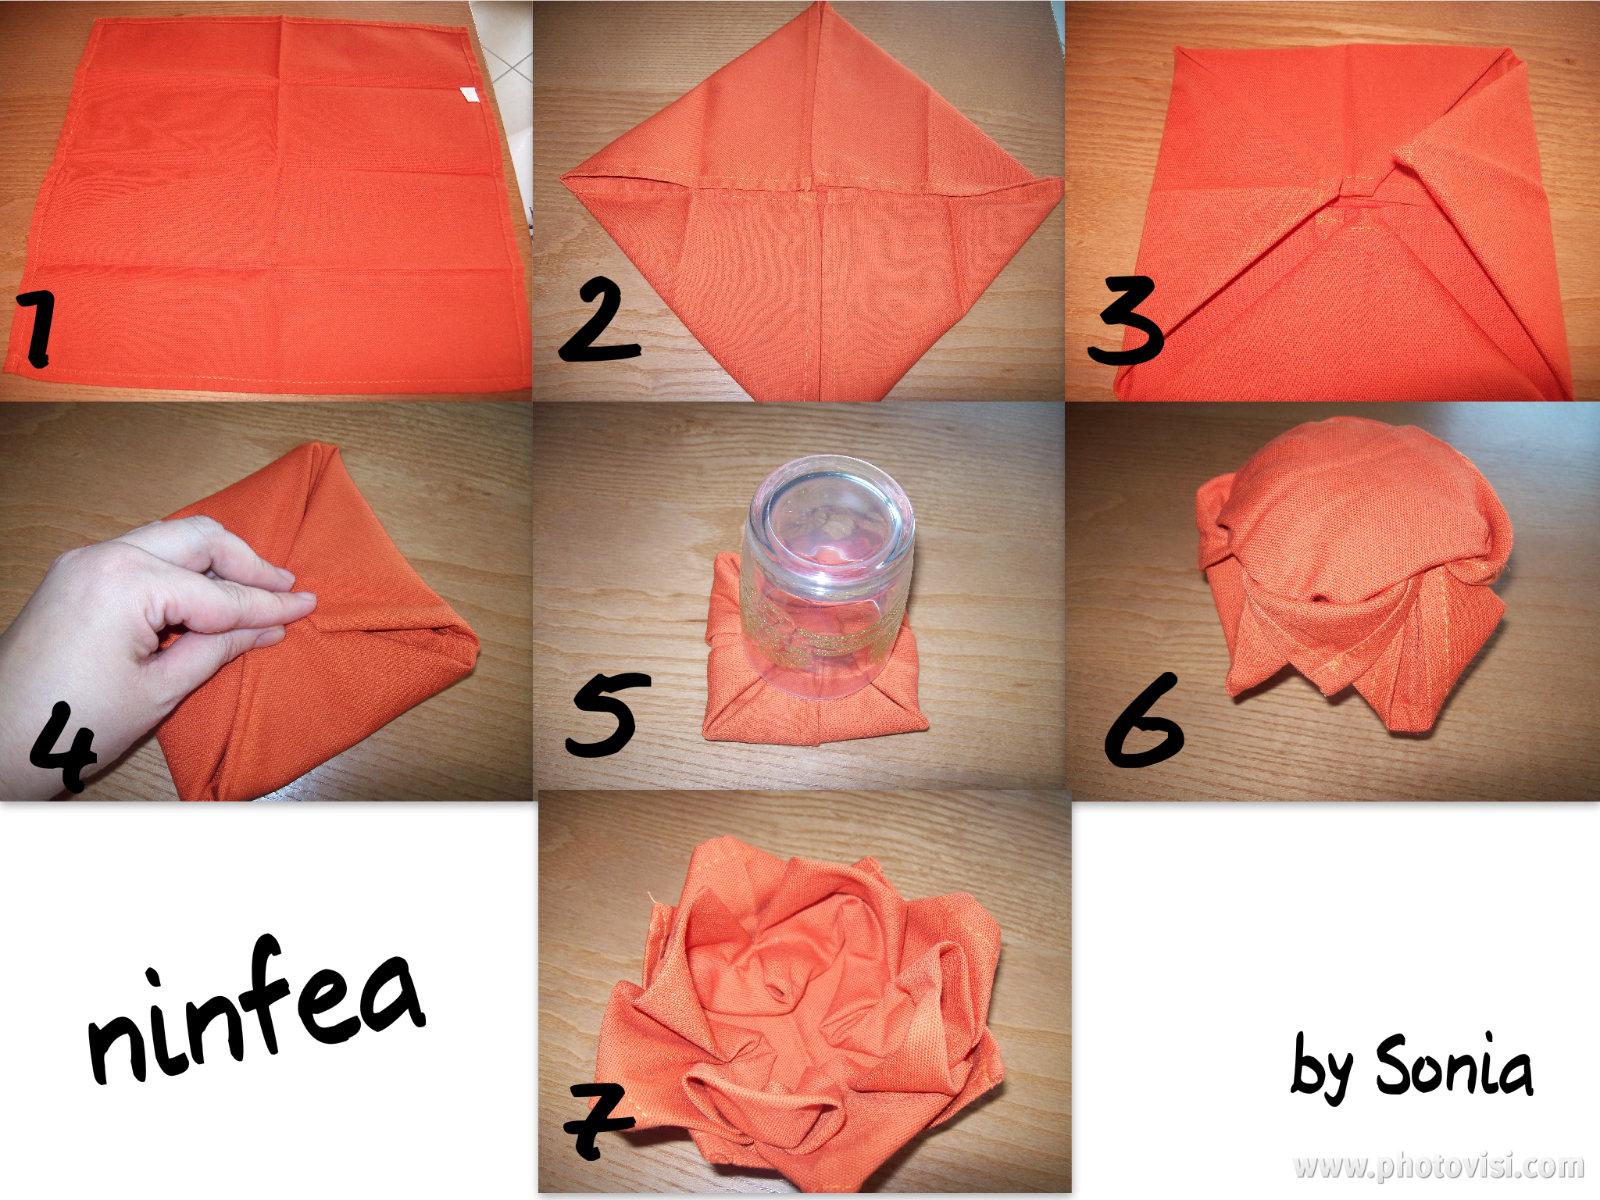 Decorare la tavola con i tovaglioli - Decorazioni con fazzoletti di carta ...